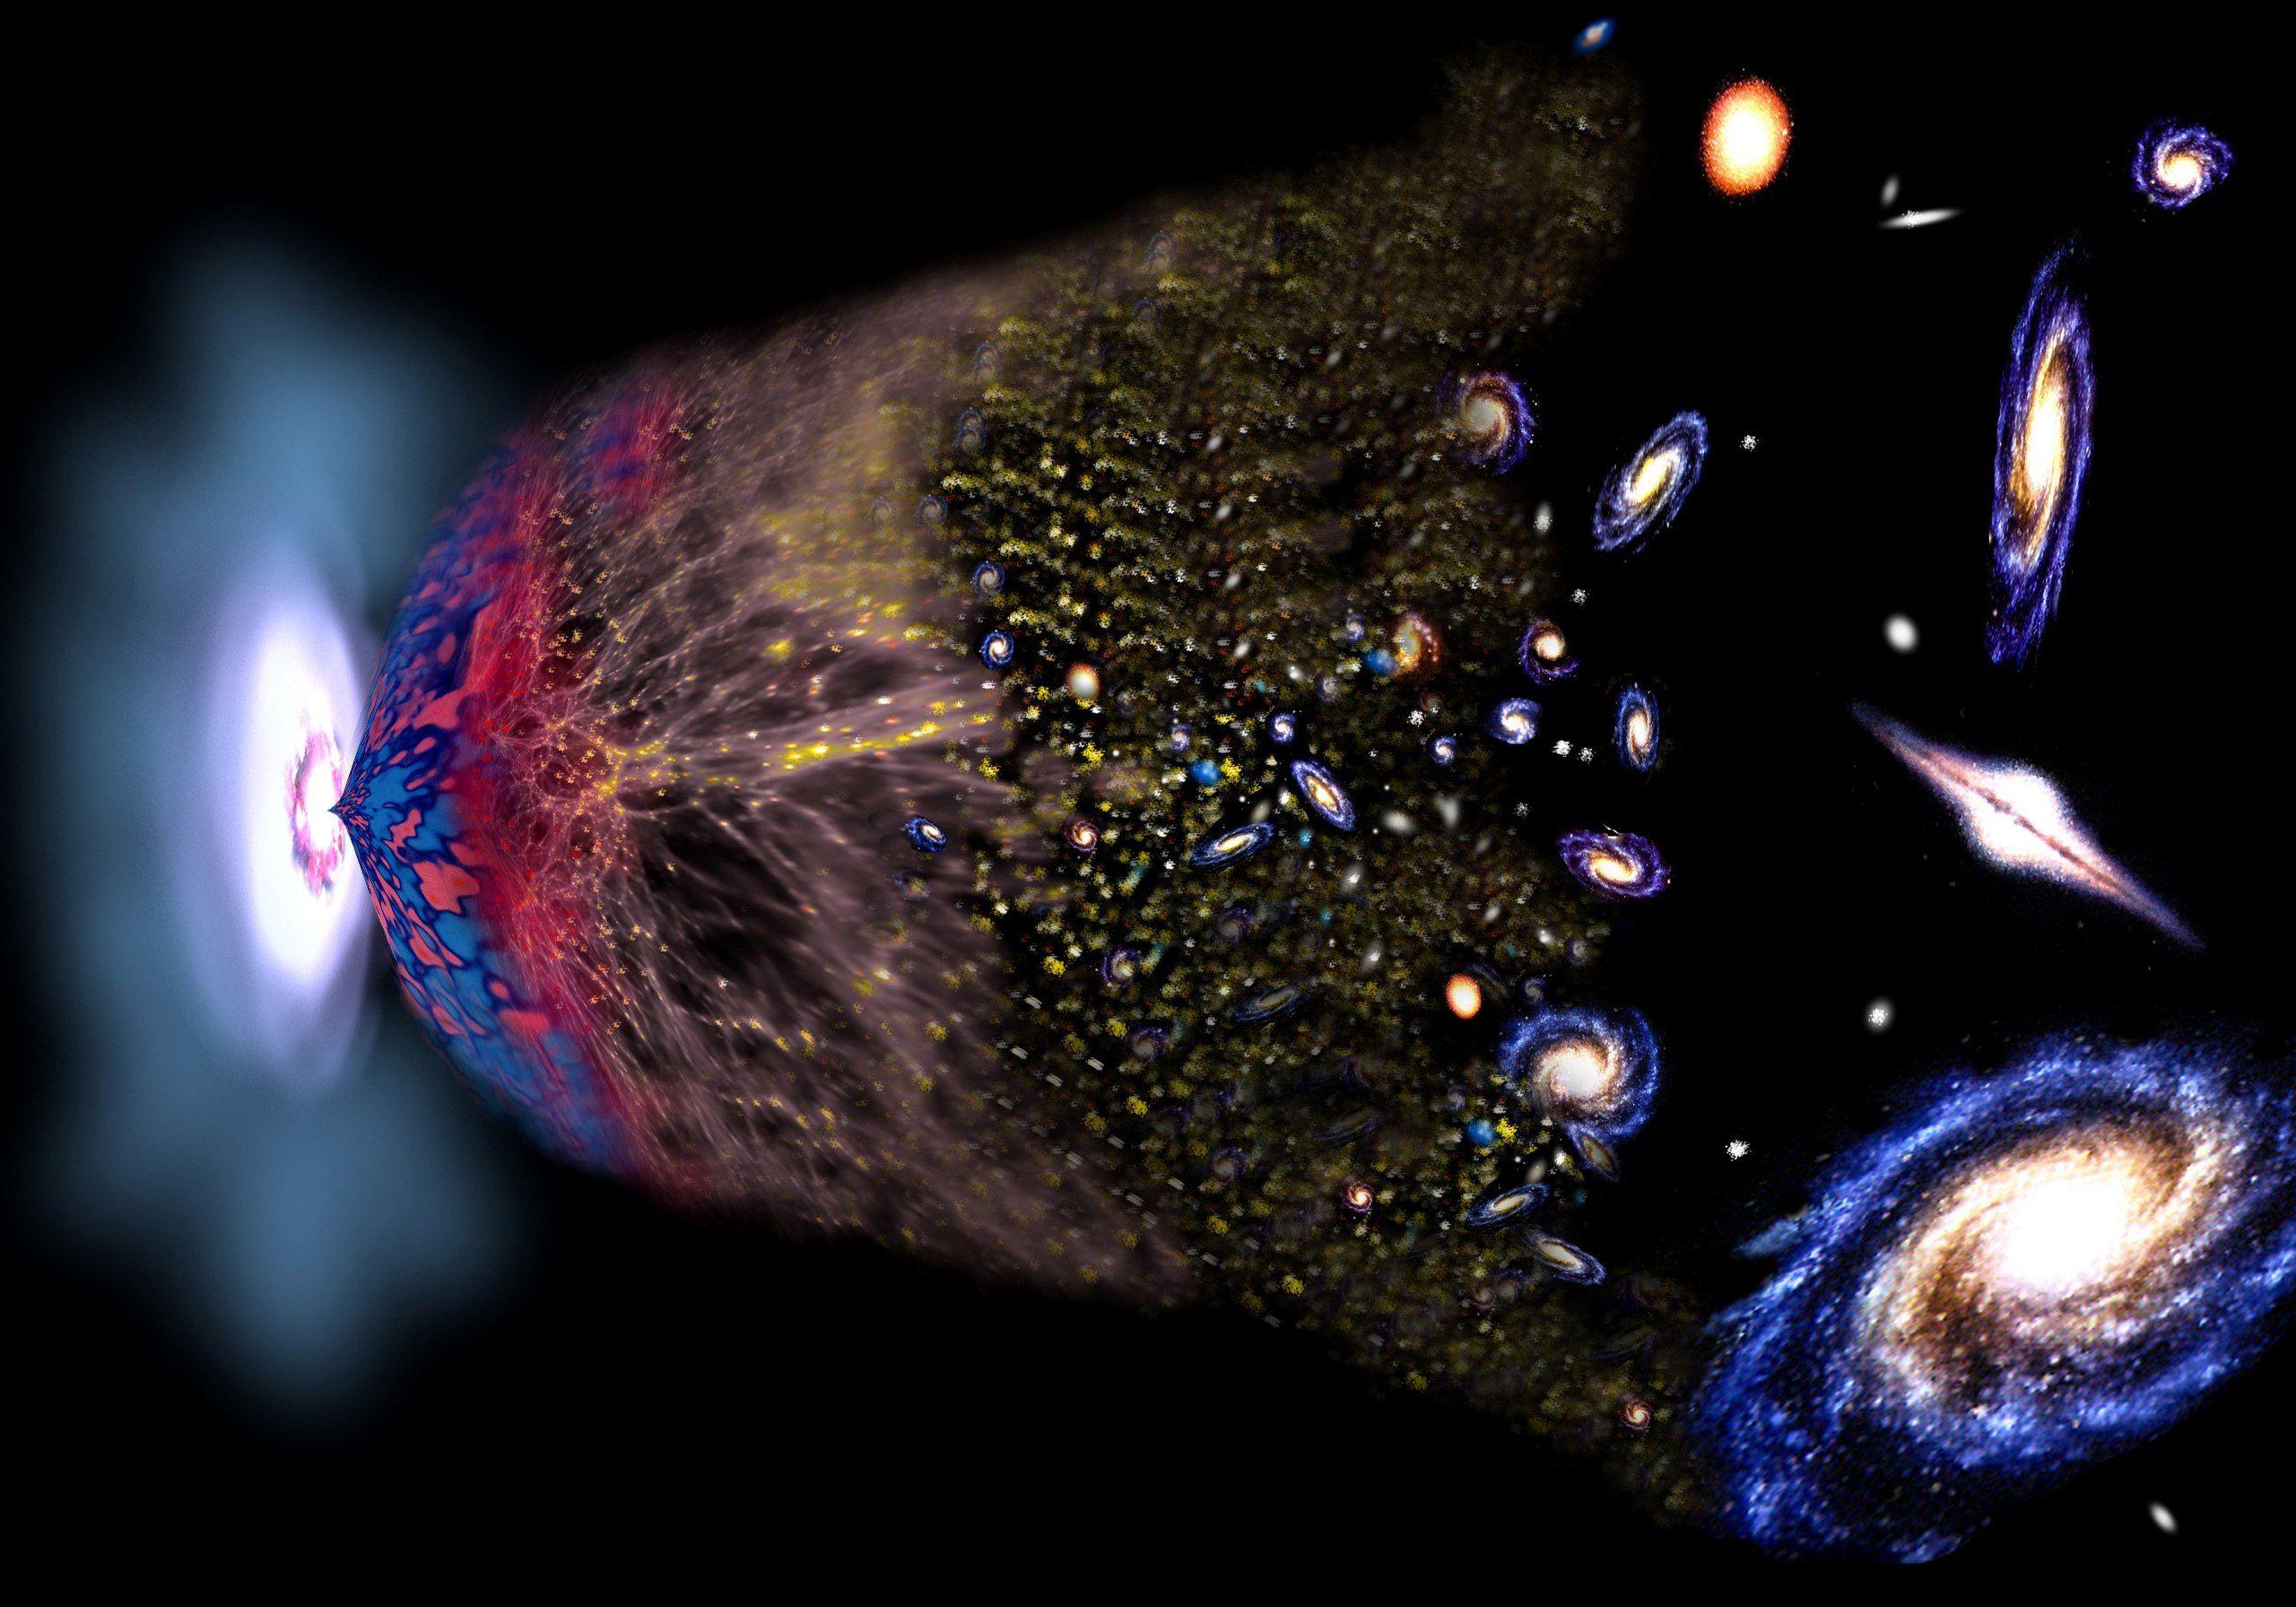 Космические связи: как сформировался космос, материя и жизнь